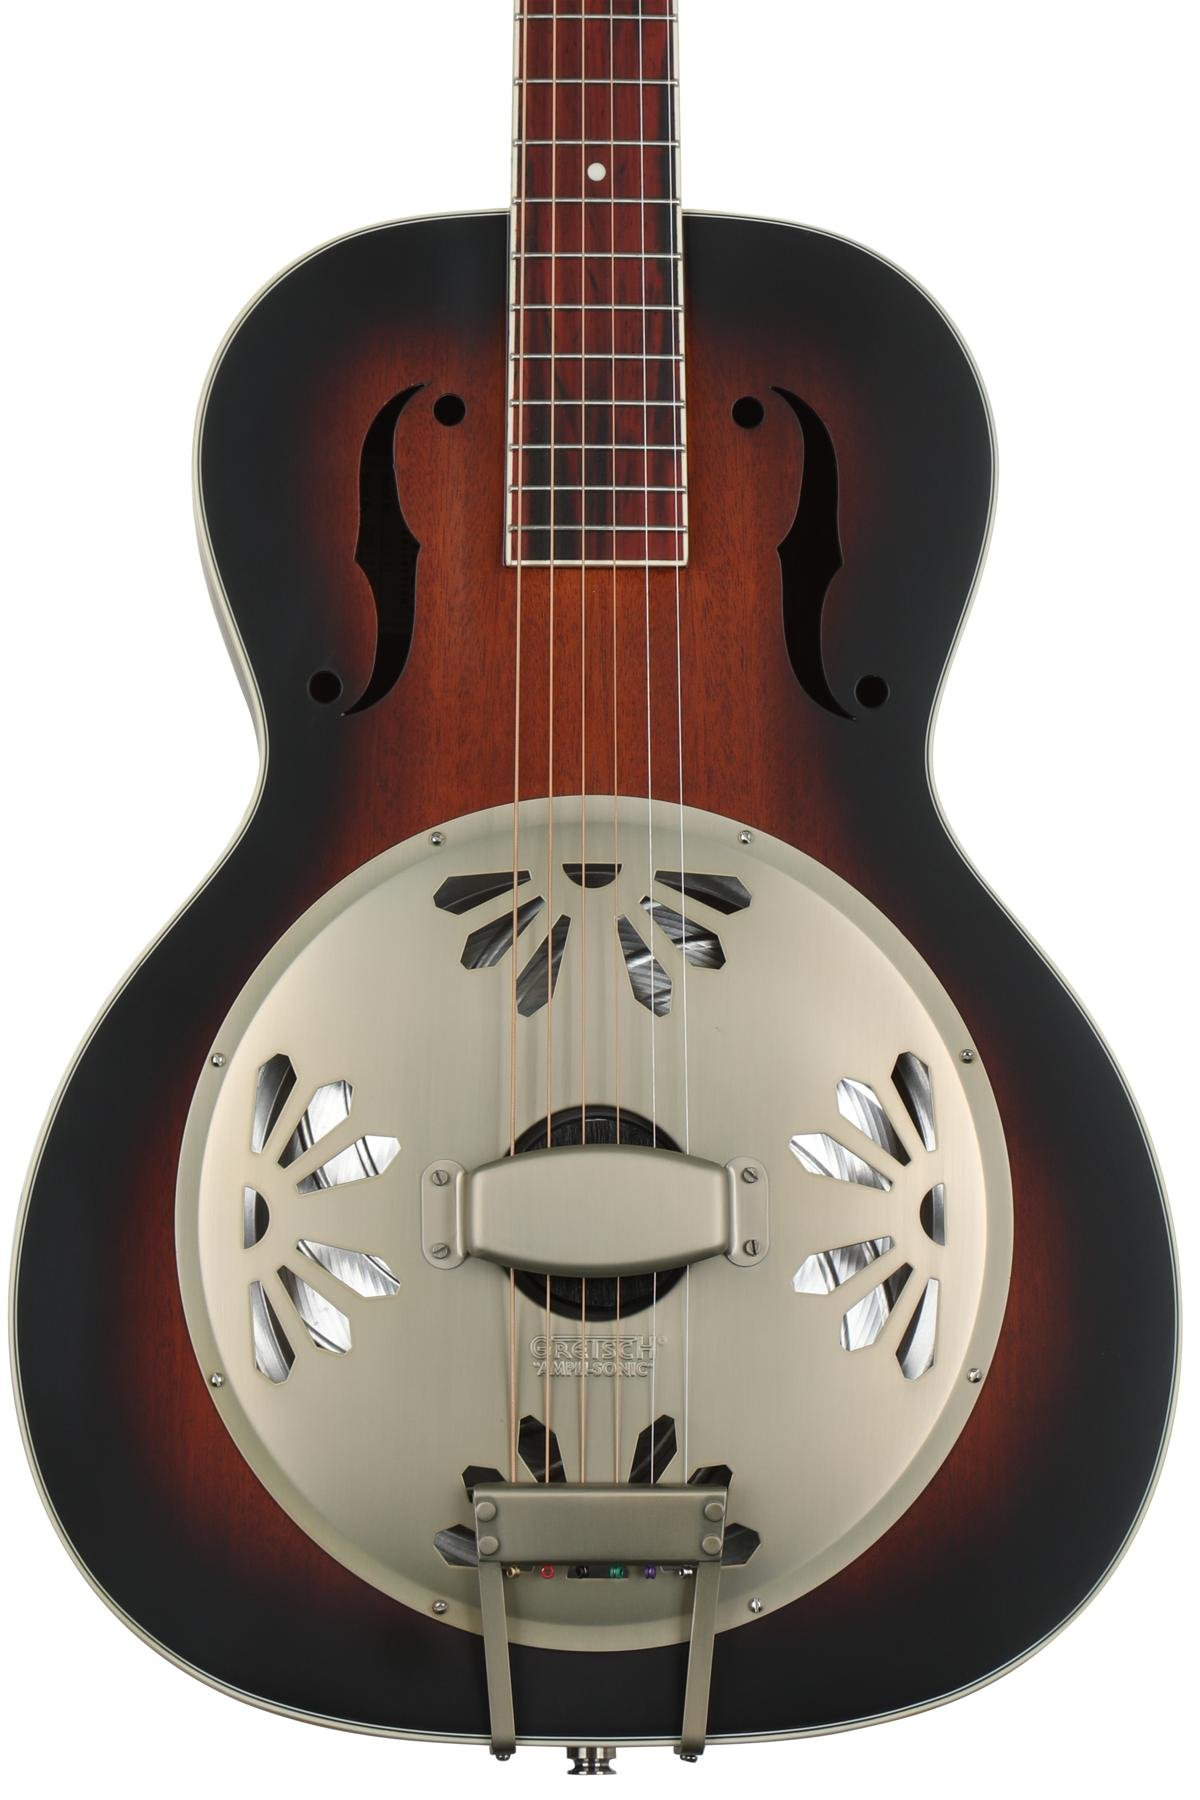 BL_0932] Resonator Guitar Wiring Diagram Free Diagram